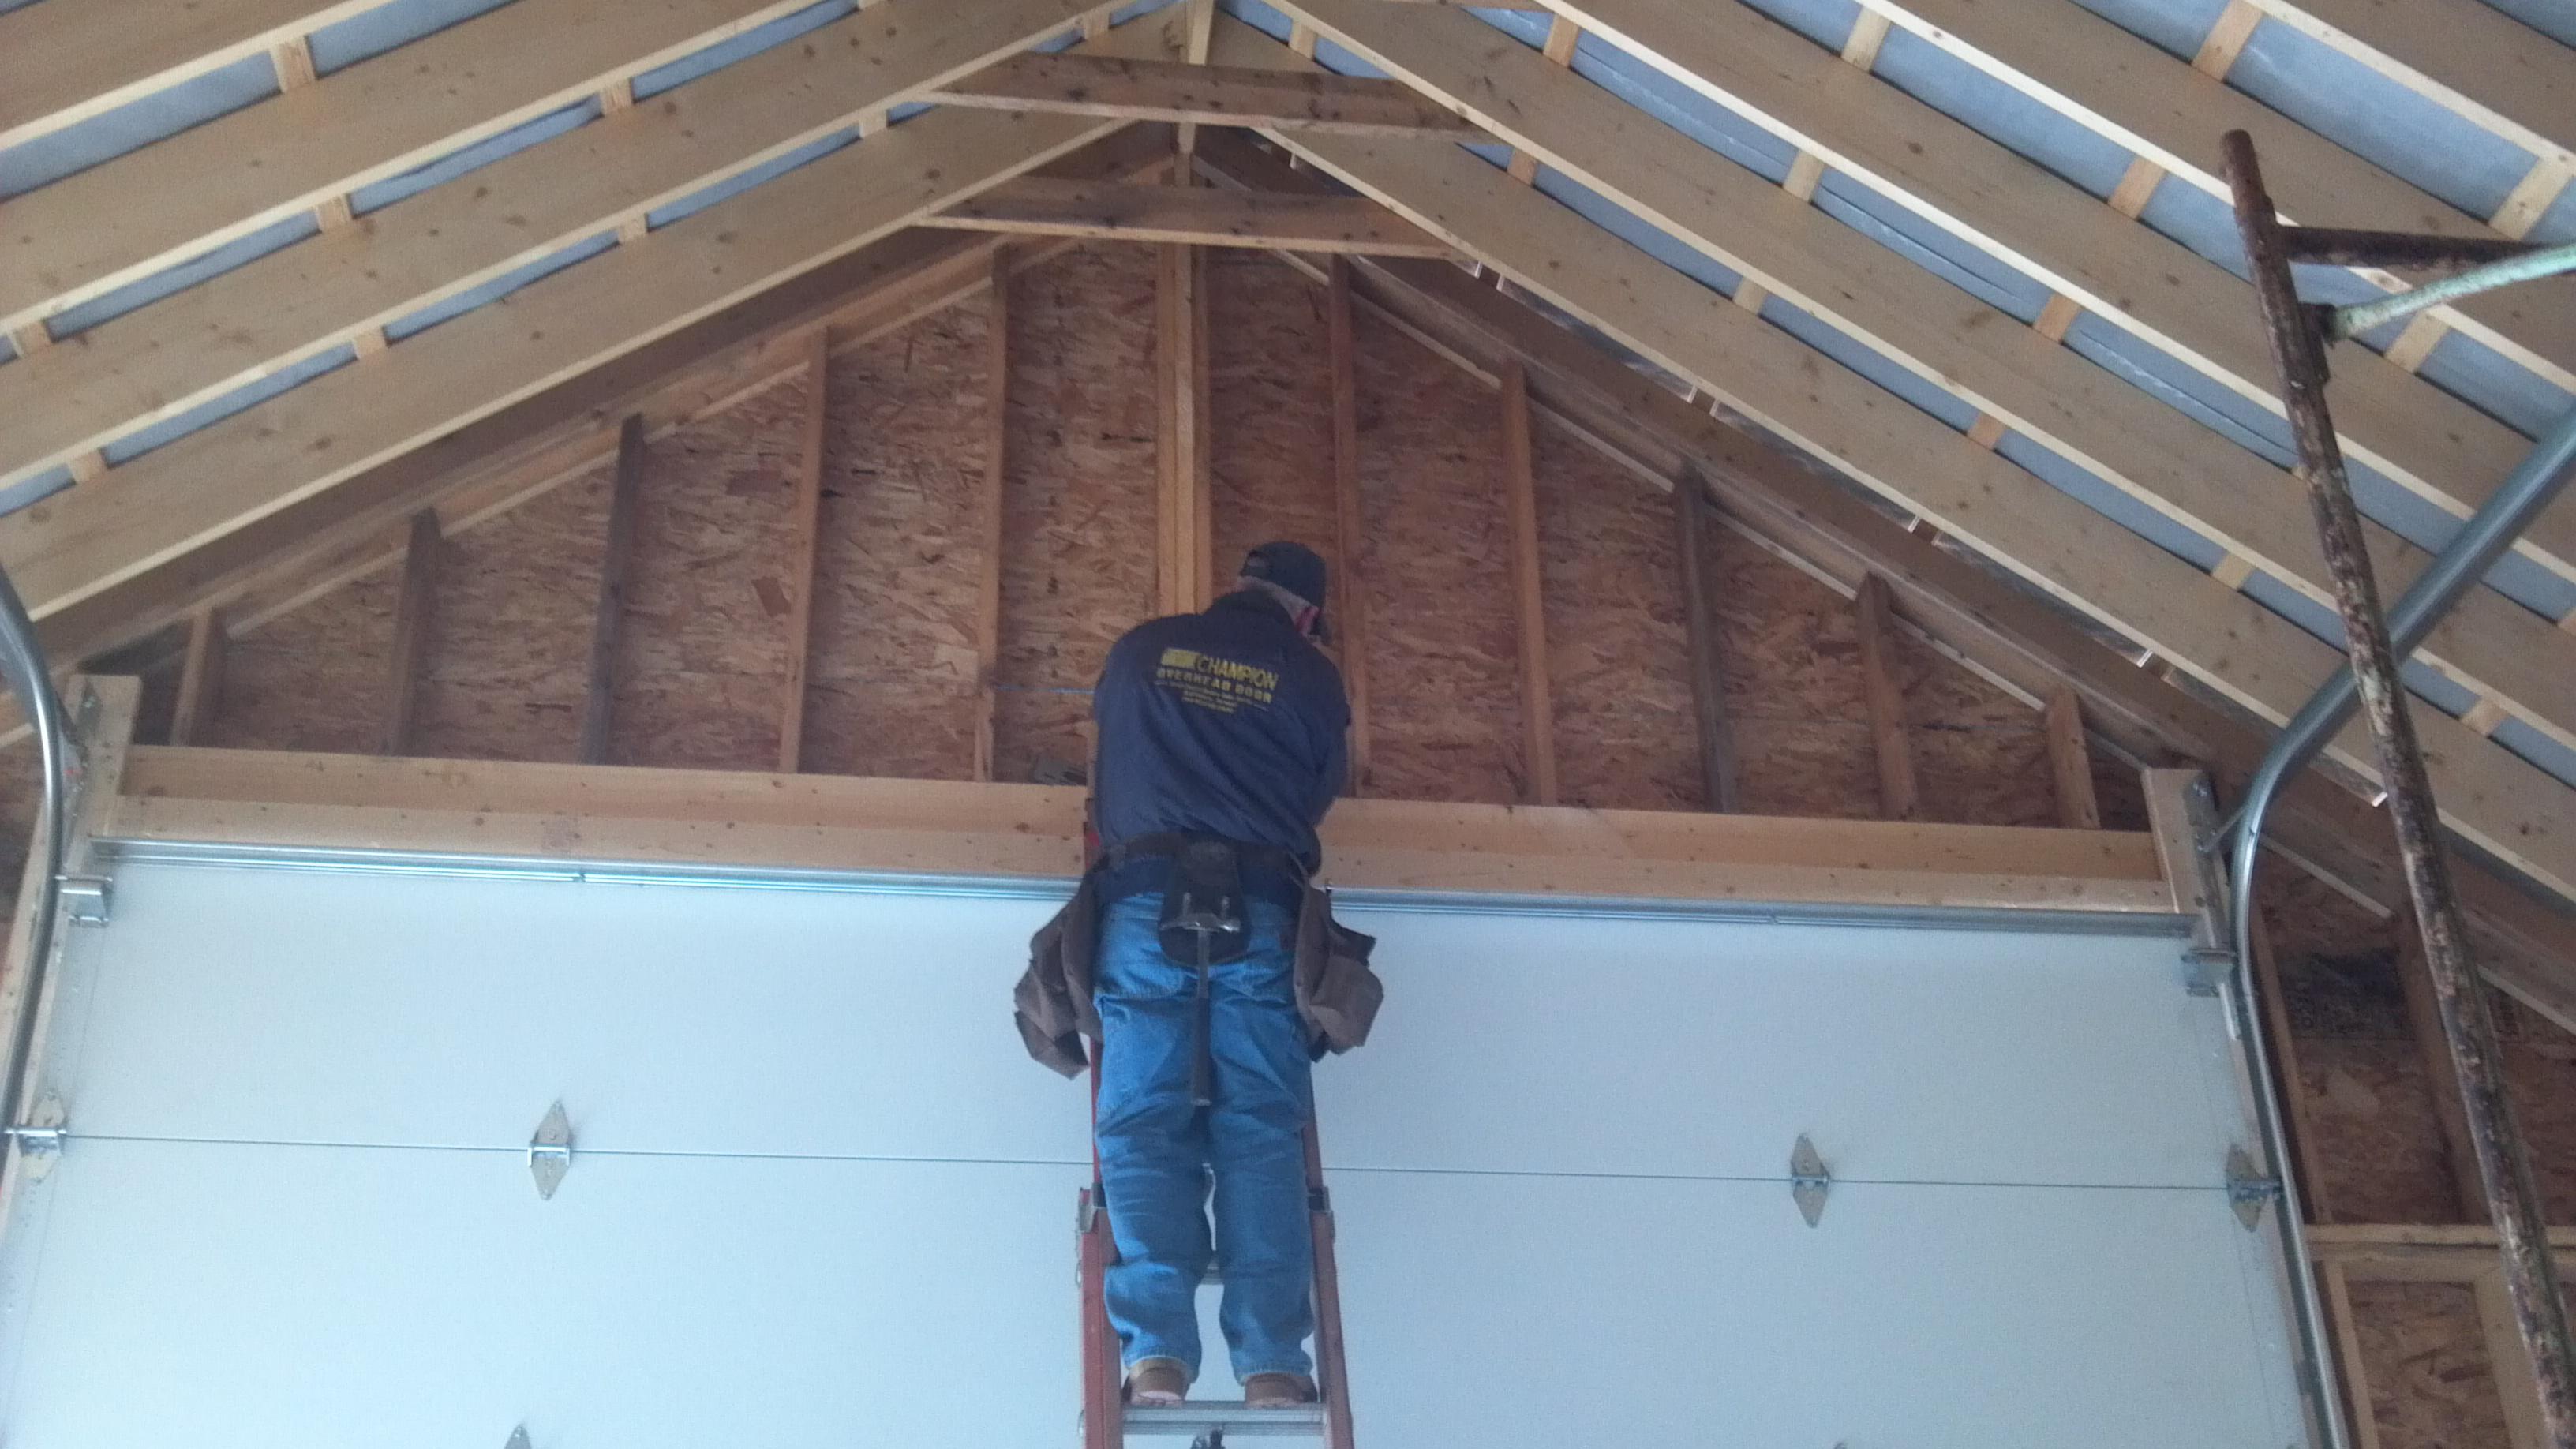 Our Team Installing The New Garage Door In Perkinsville Vt